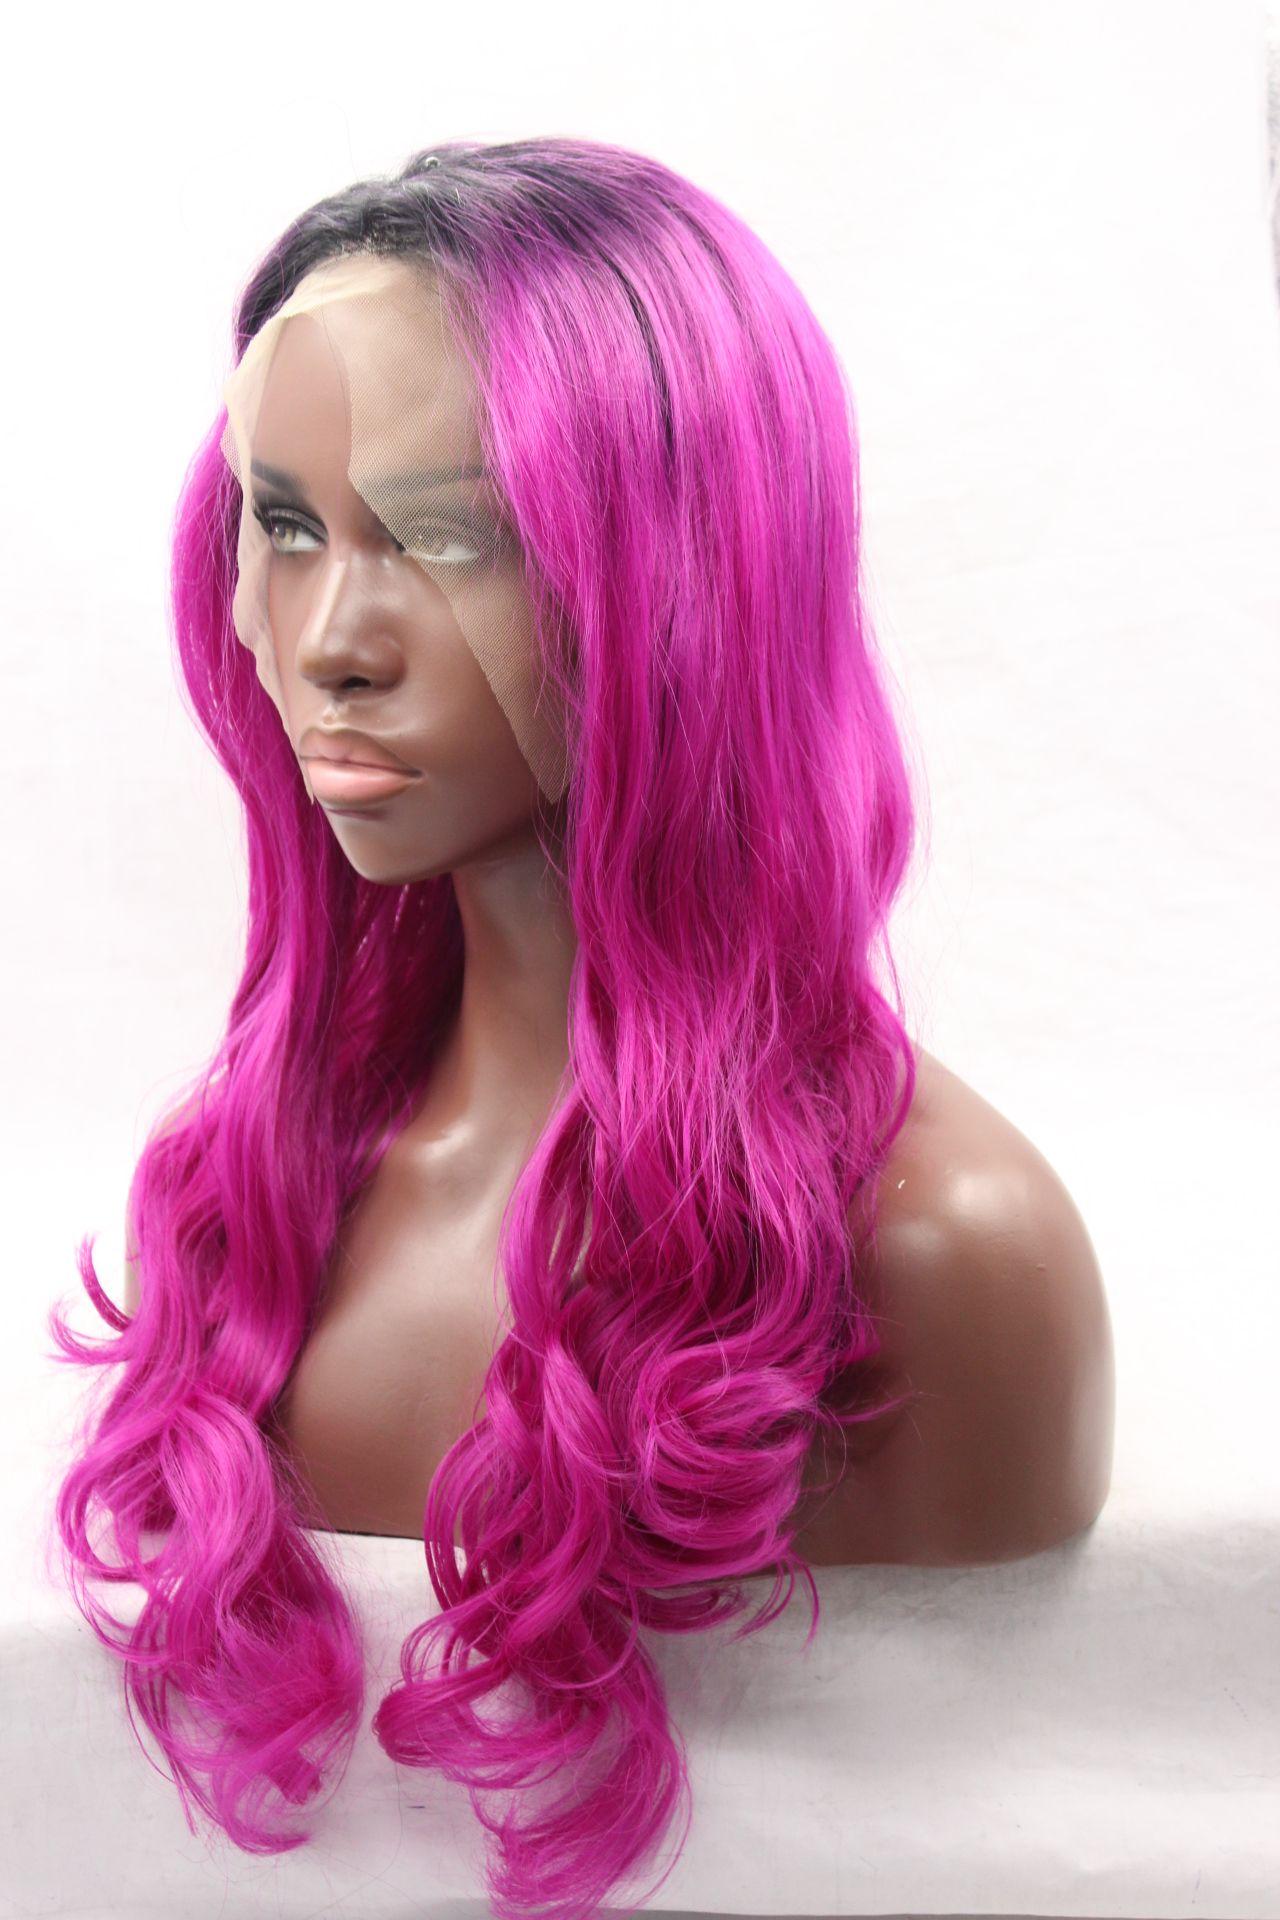 Haute Qualité Résistant À La Chaleur # 1B Noir Ombre Cheveux Naturel Vague de Corps Dentelle Avant Perruque Pas Cher Synthétique Dentelle Avant Perruque Pour Les Femmes Noires